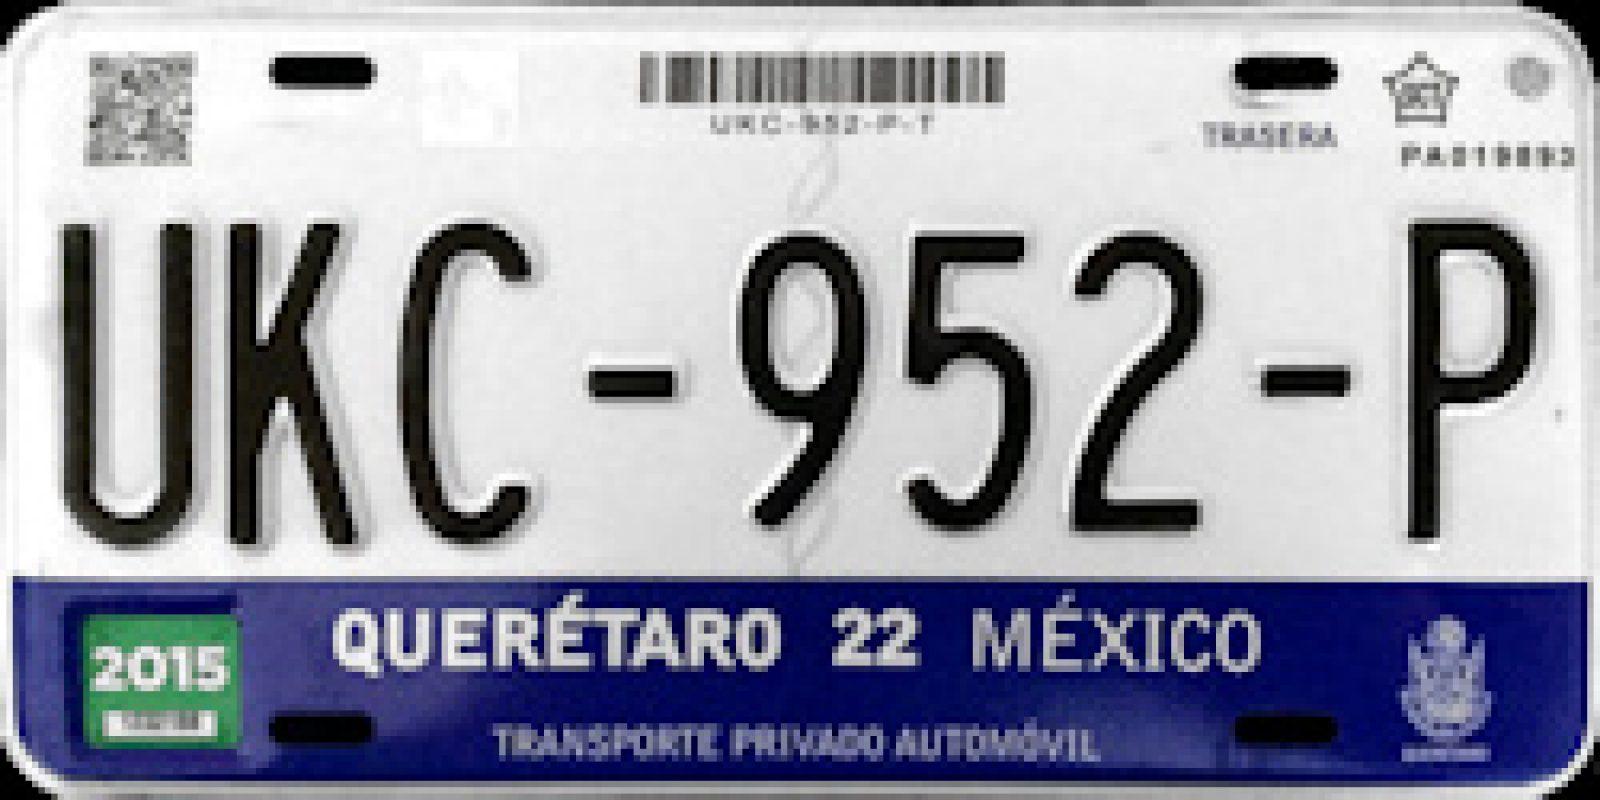 qro2015a. Imagen Por: Querétaro